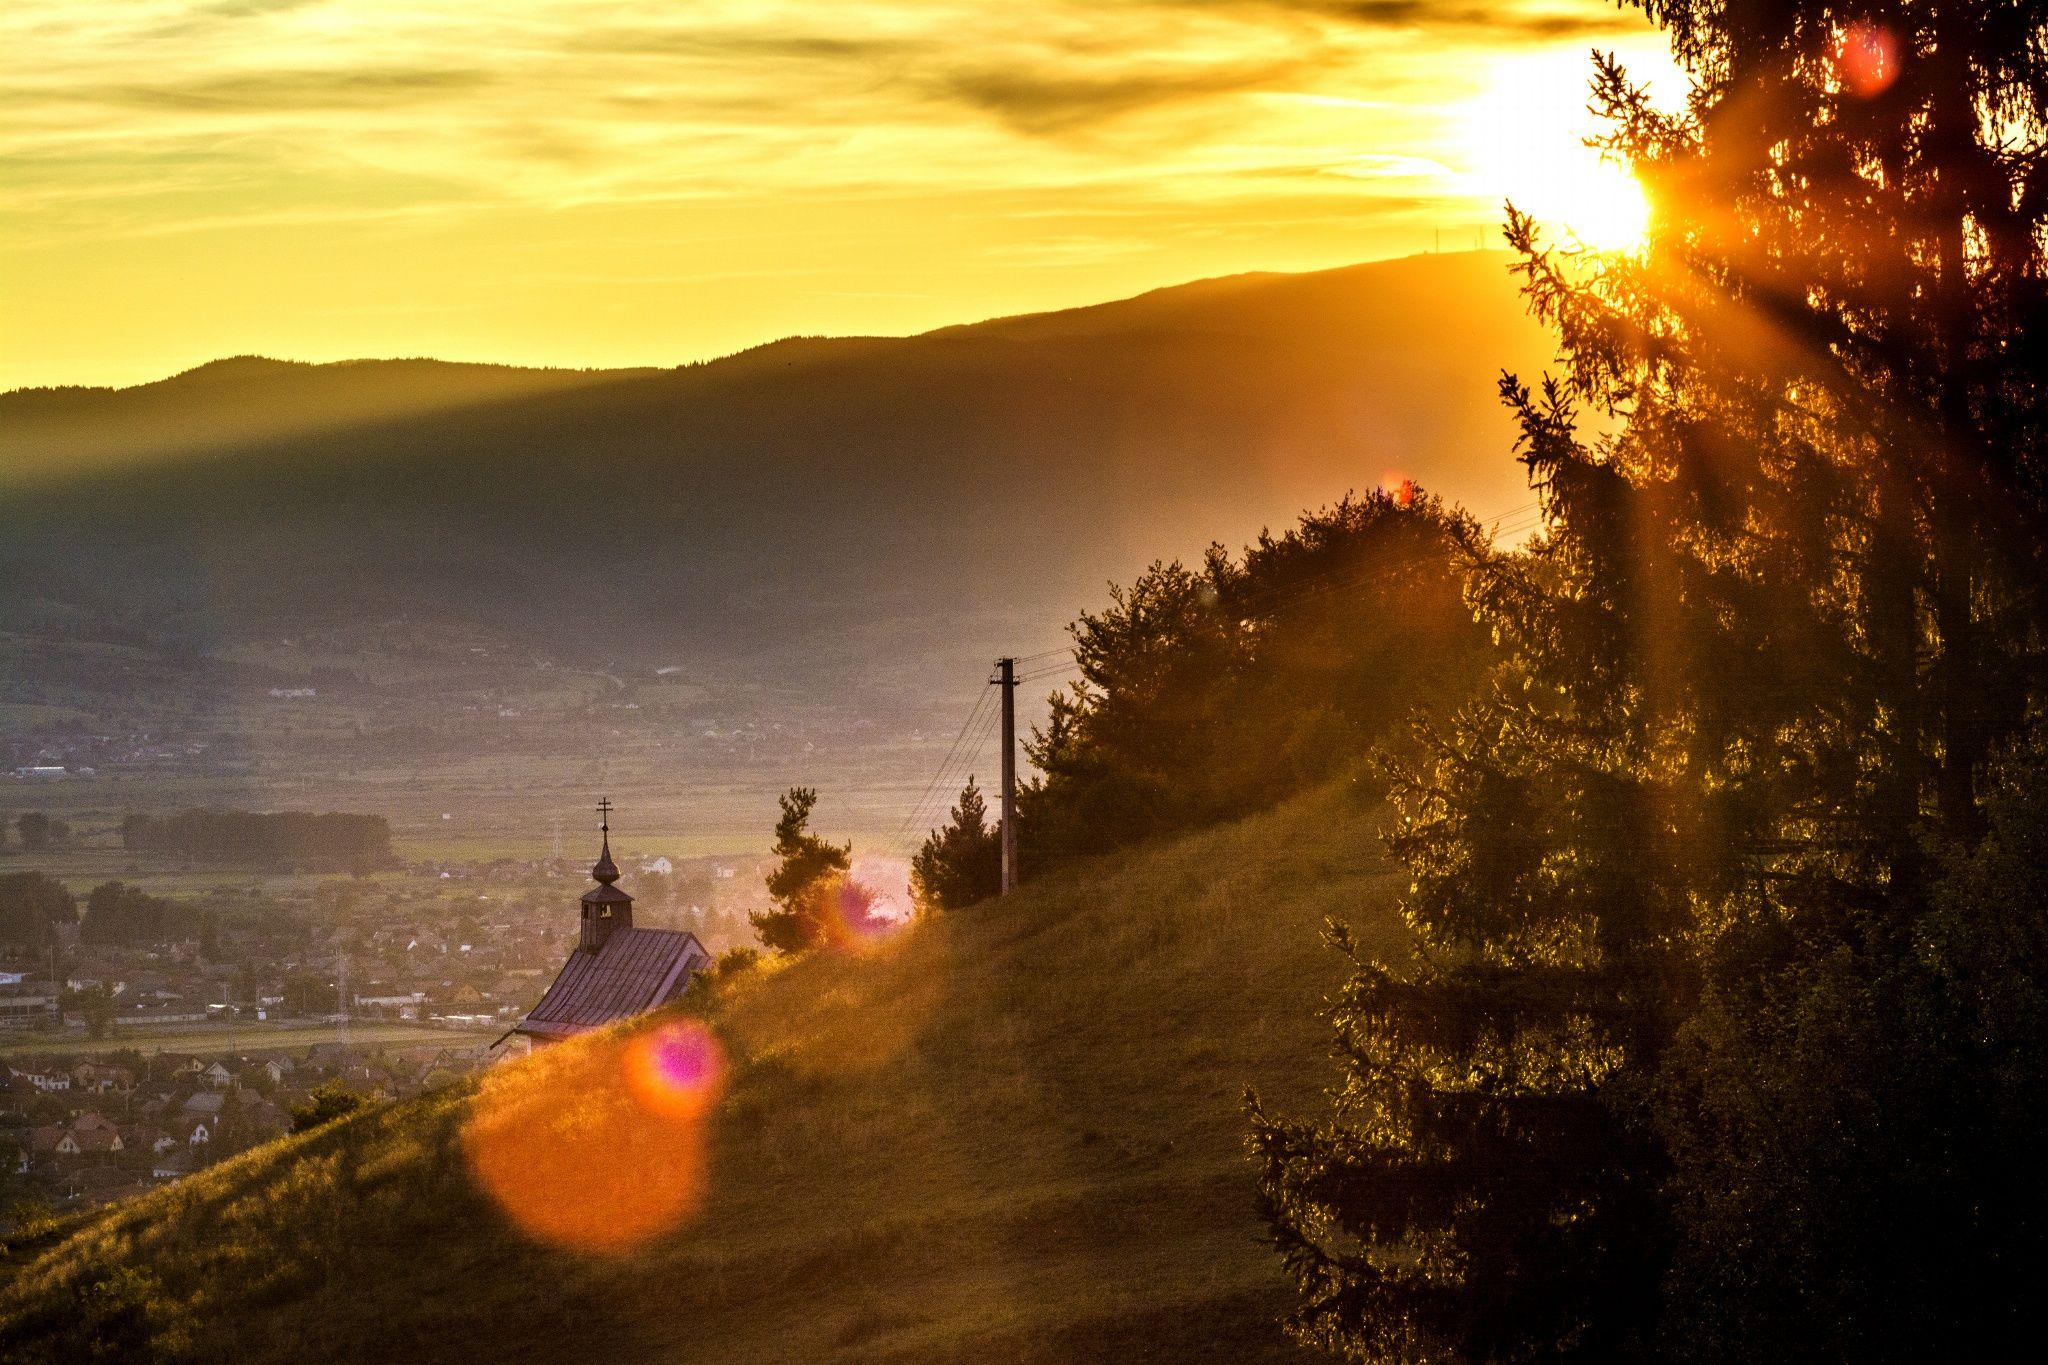 Csíksomlyó sunset by Dénes Szőcs on 500px